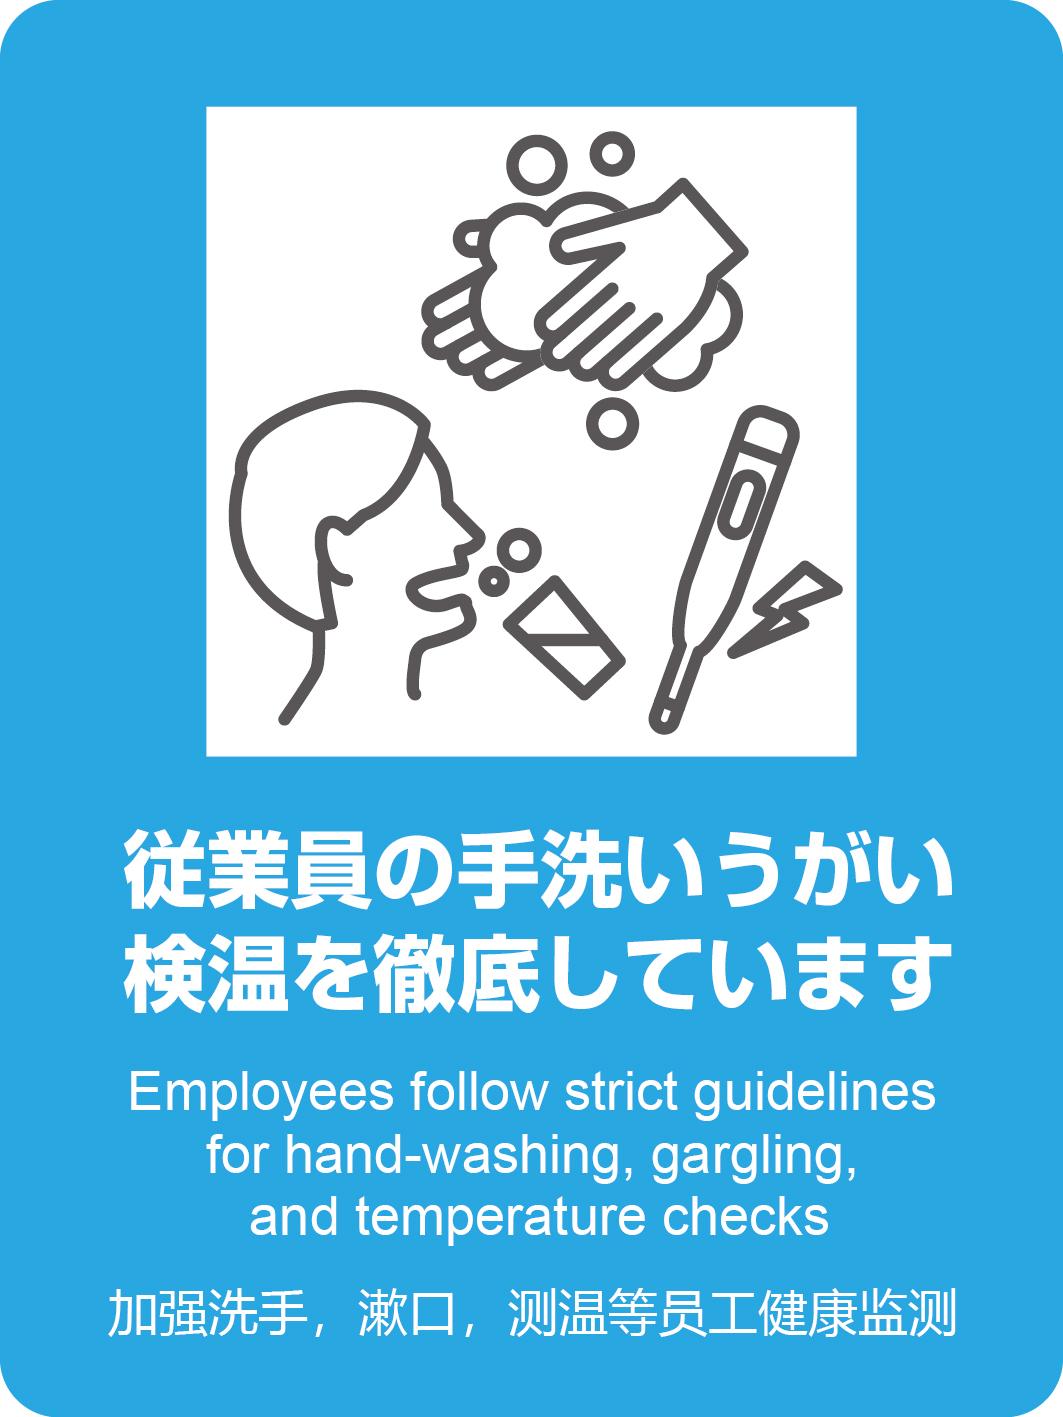 新型コロナウイルス感染症に対する注意喚起ピクトグラム等の制作について | 京都市観光協会(DMO KYOTO)